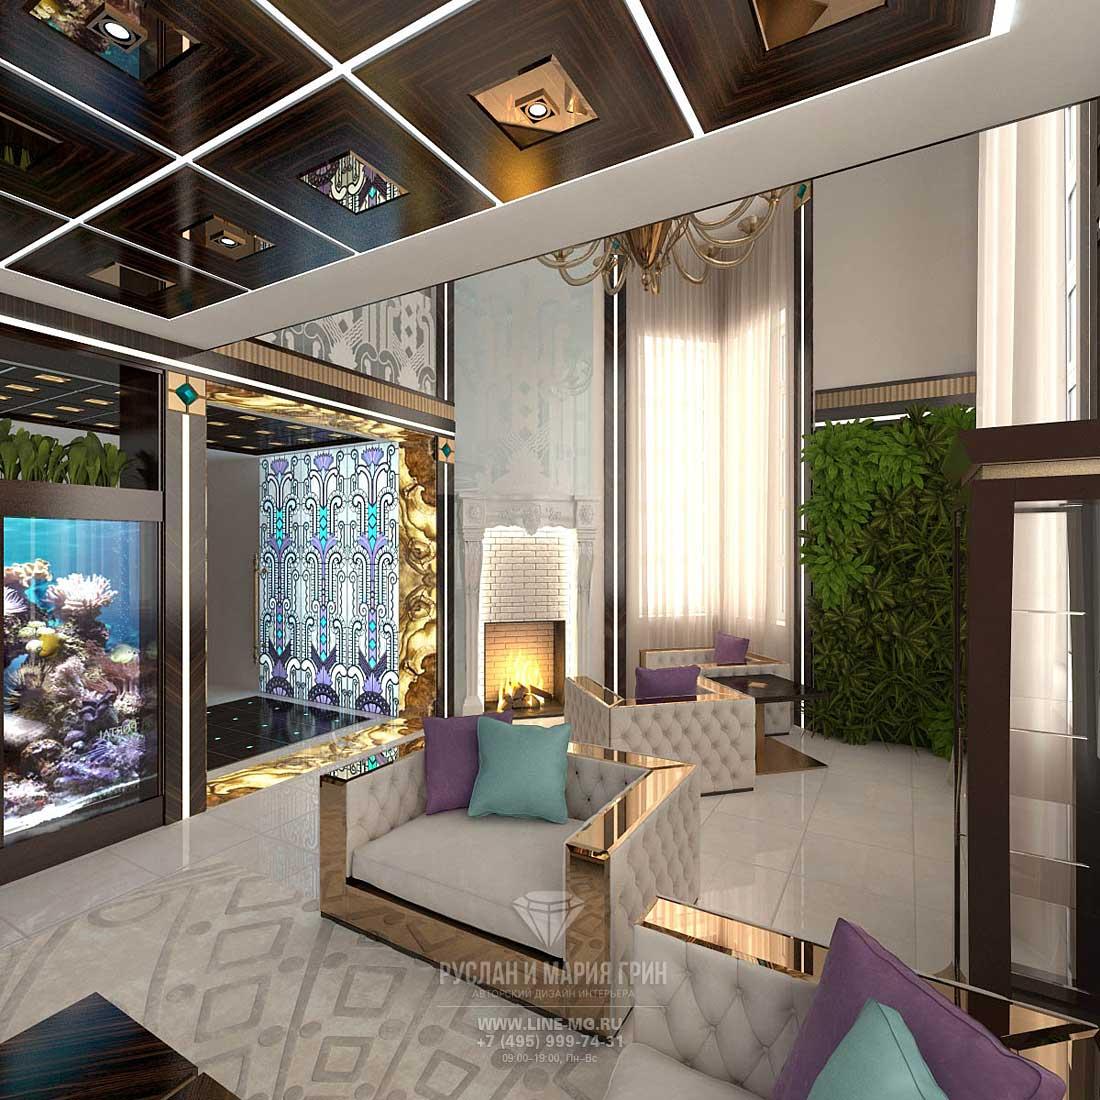 Дизайн интерьера гостиной с камином. Фото новинка 2015.